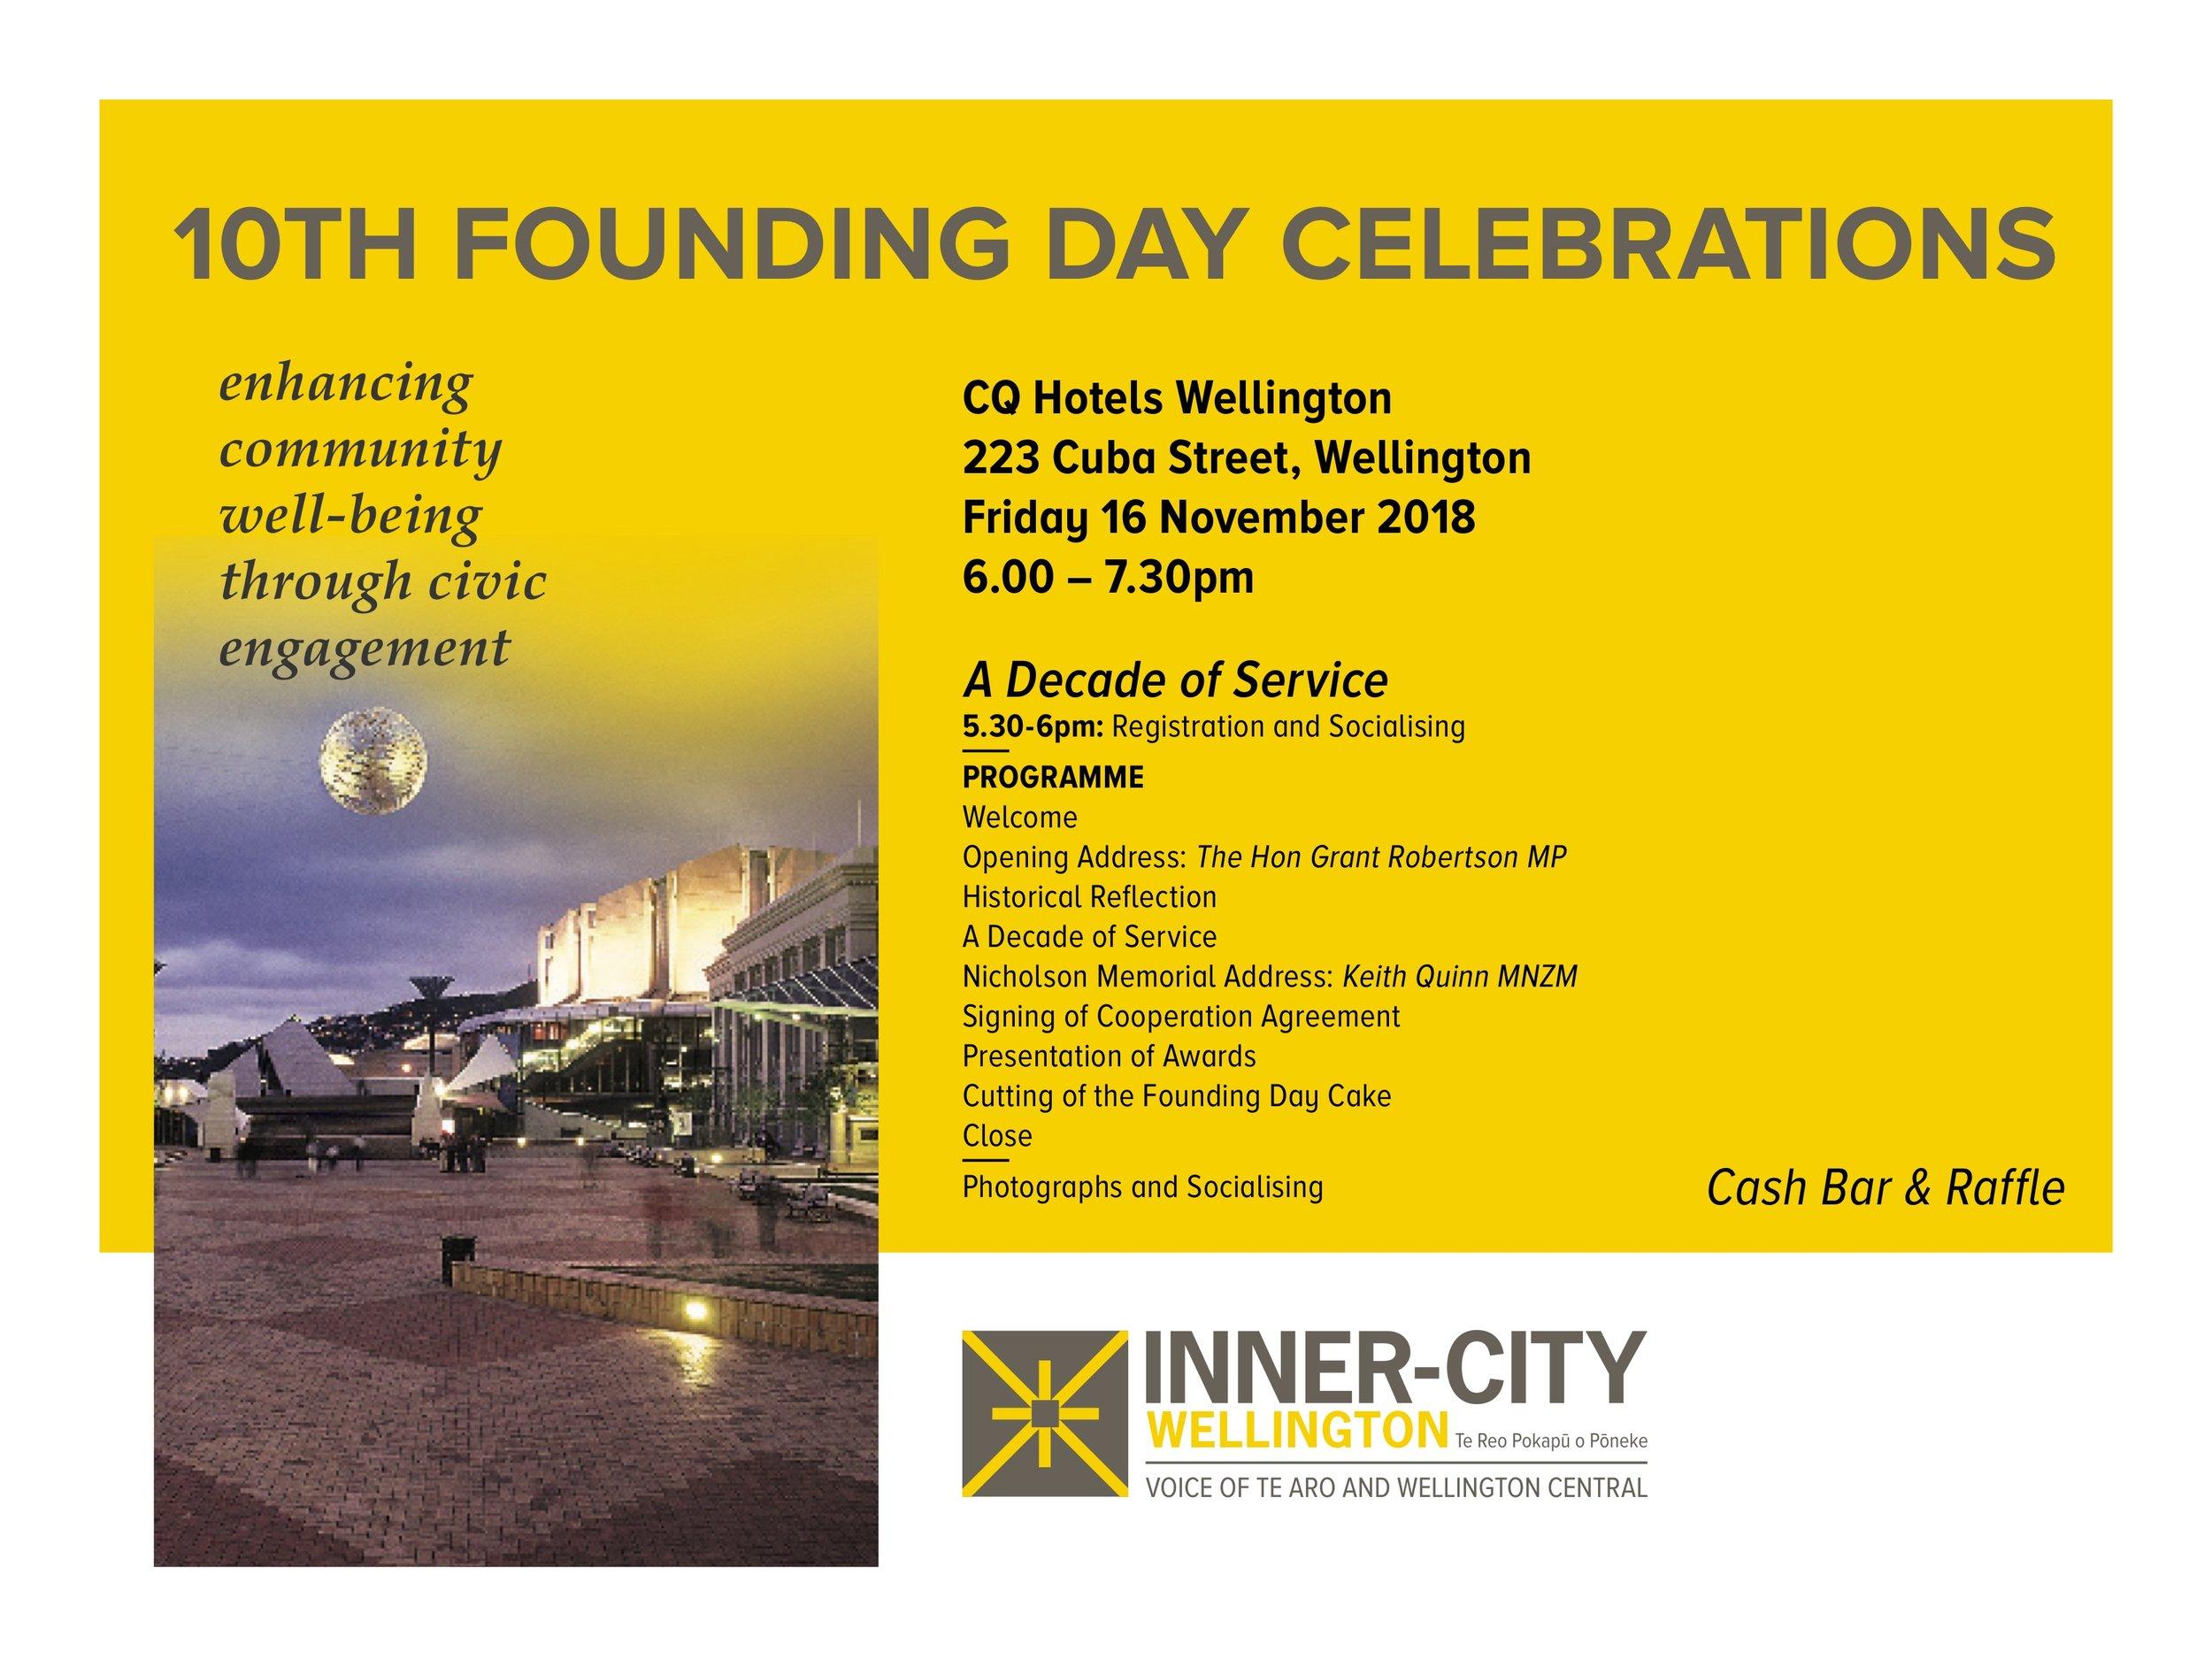 Founding Day Celebrations Poster (2018).jpg